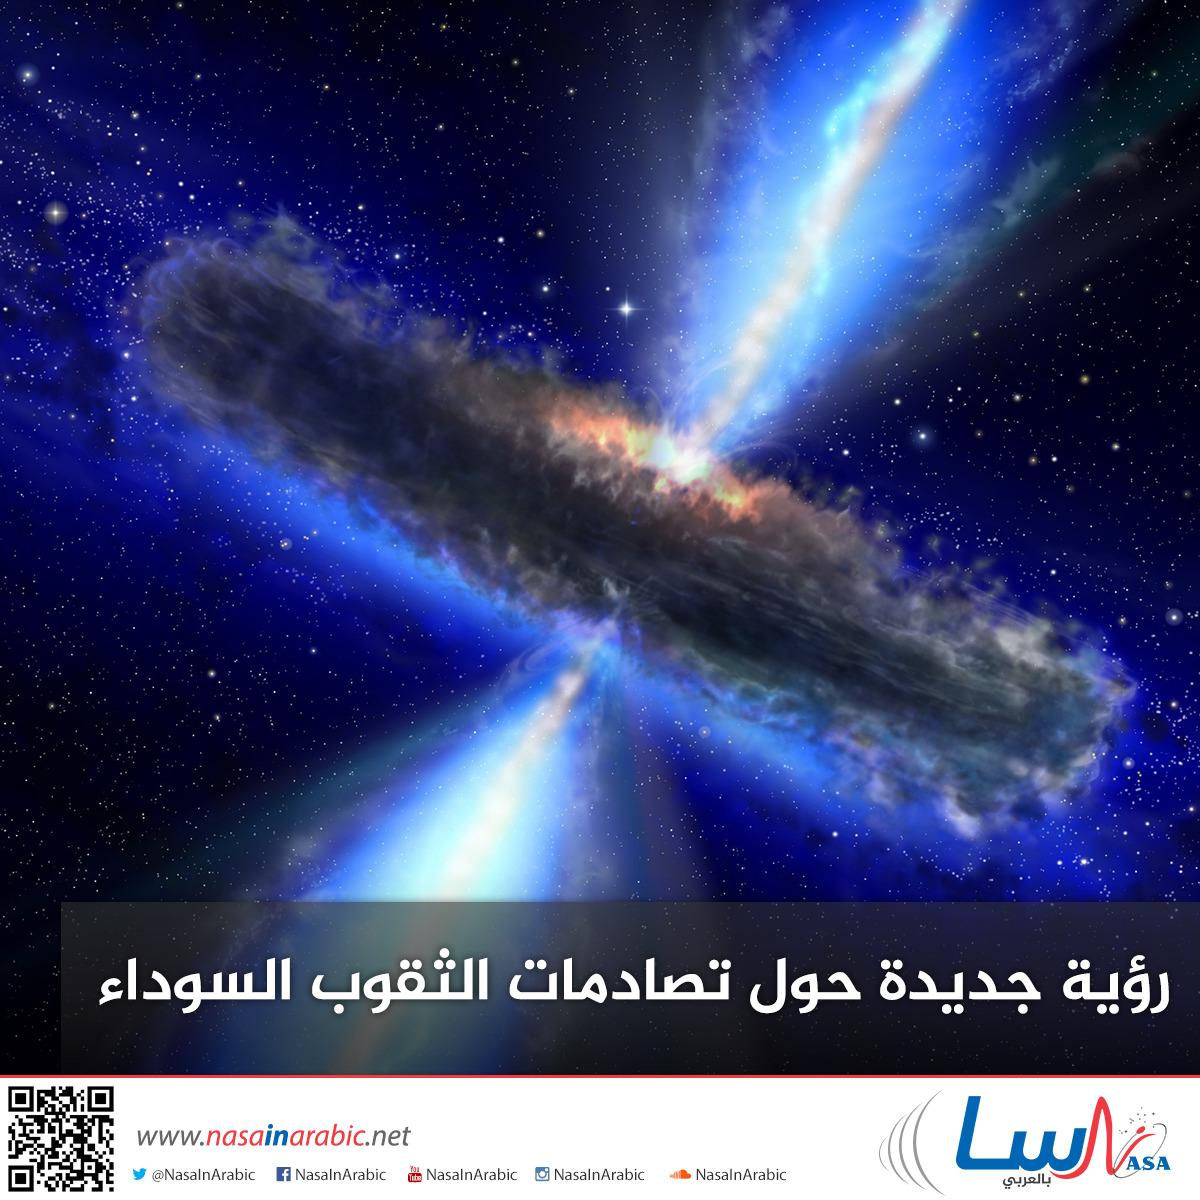 رؤية جديدة حول تصادمات الثقوب السوداء